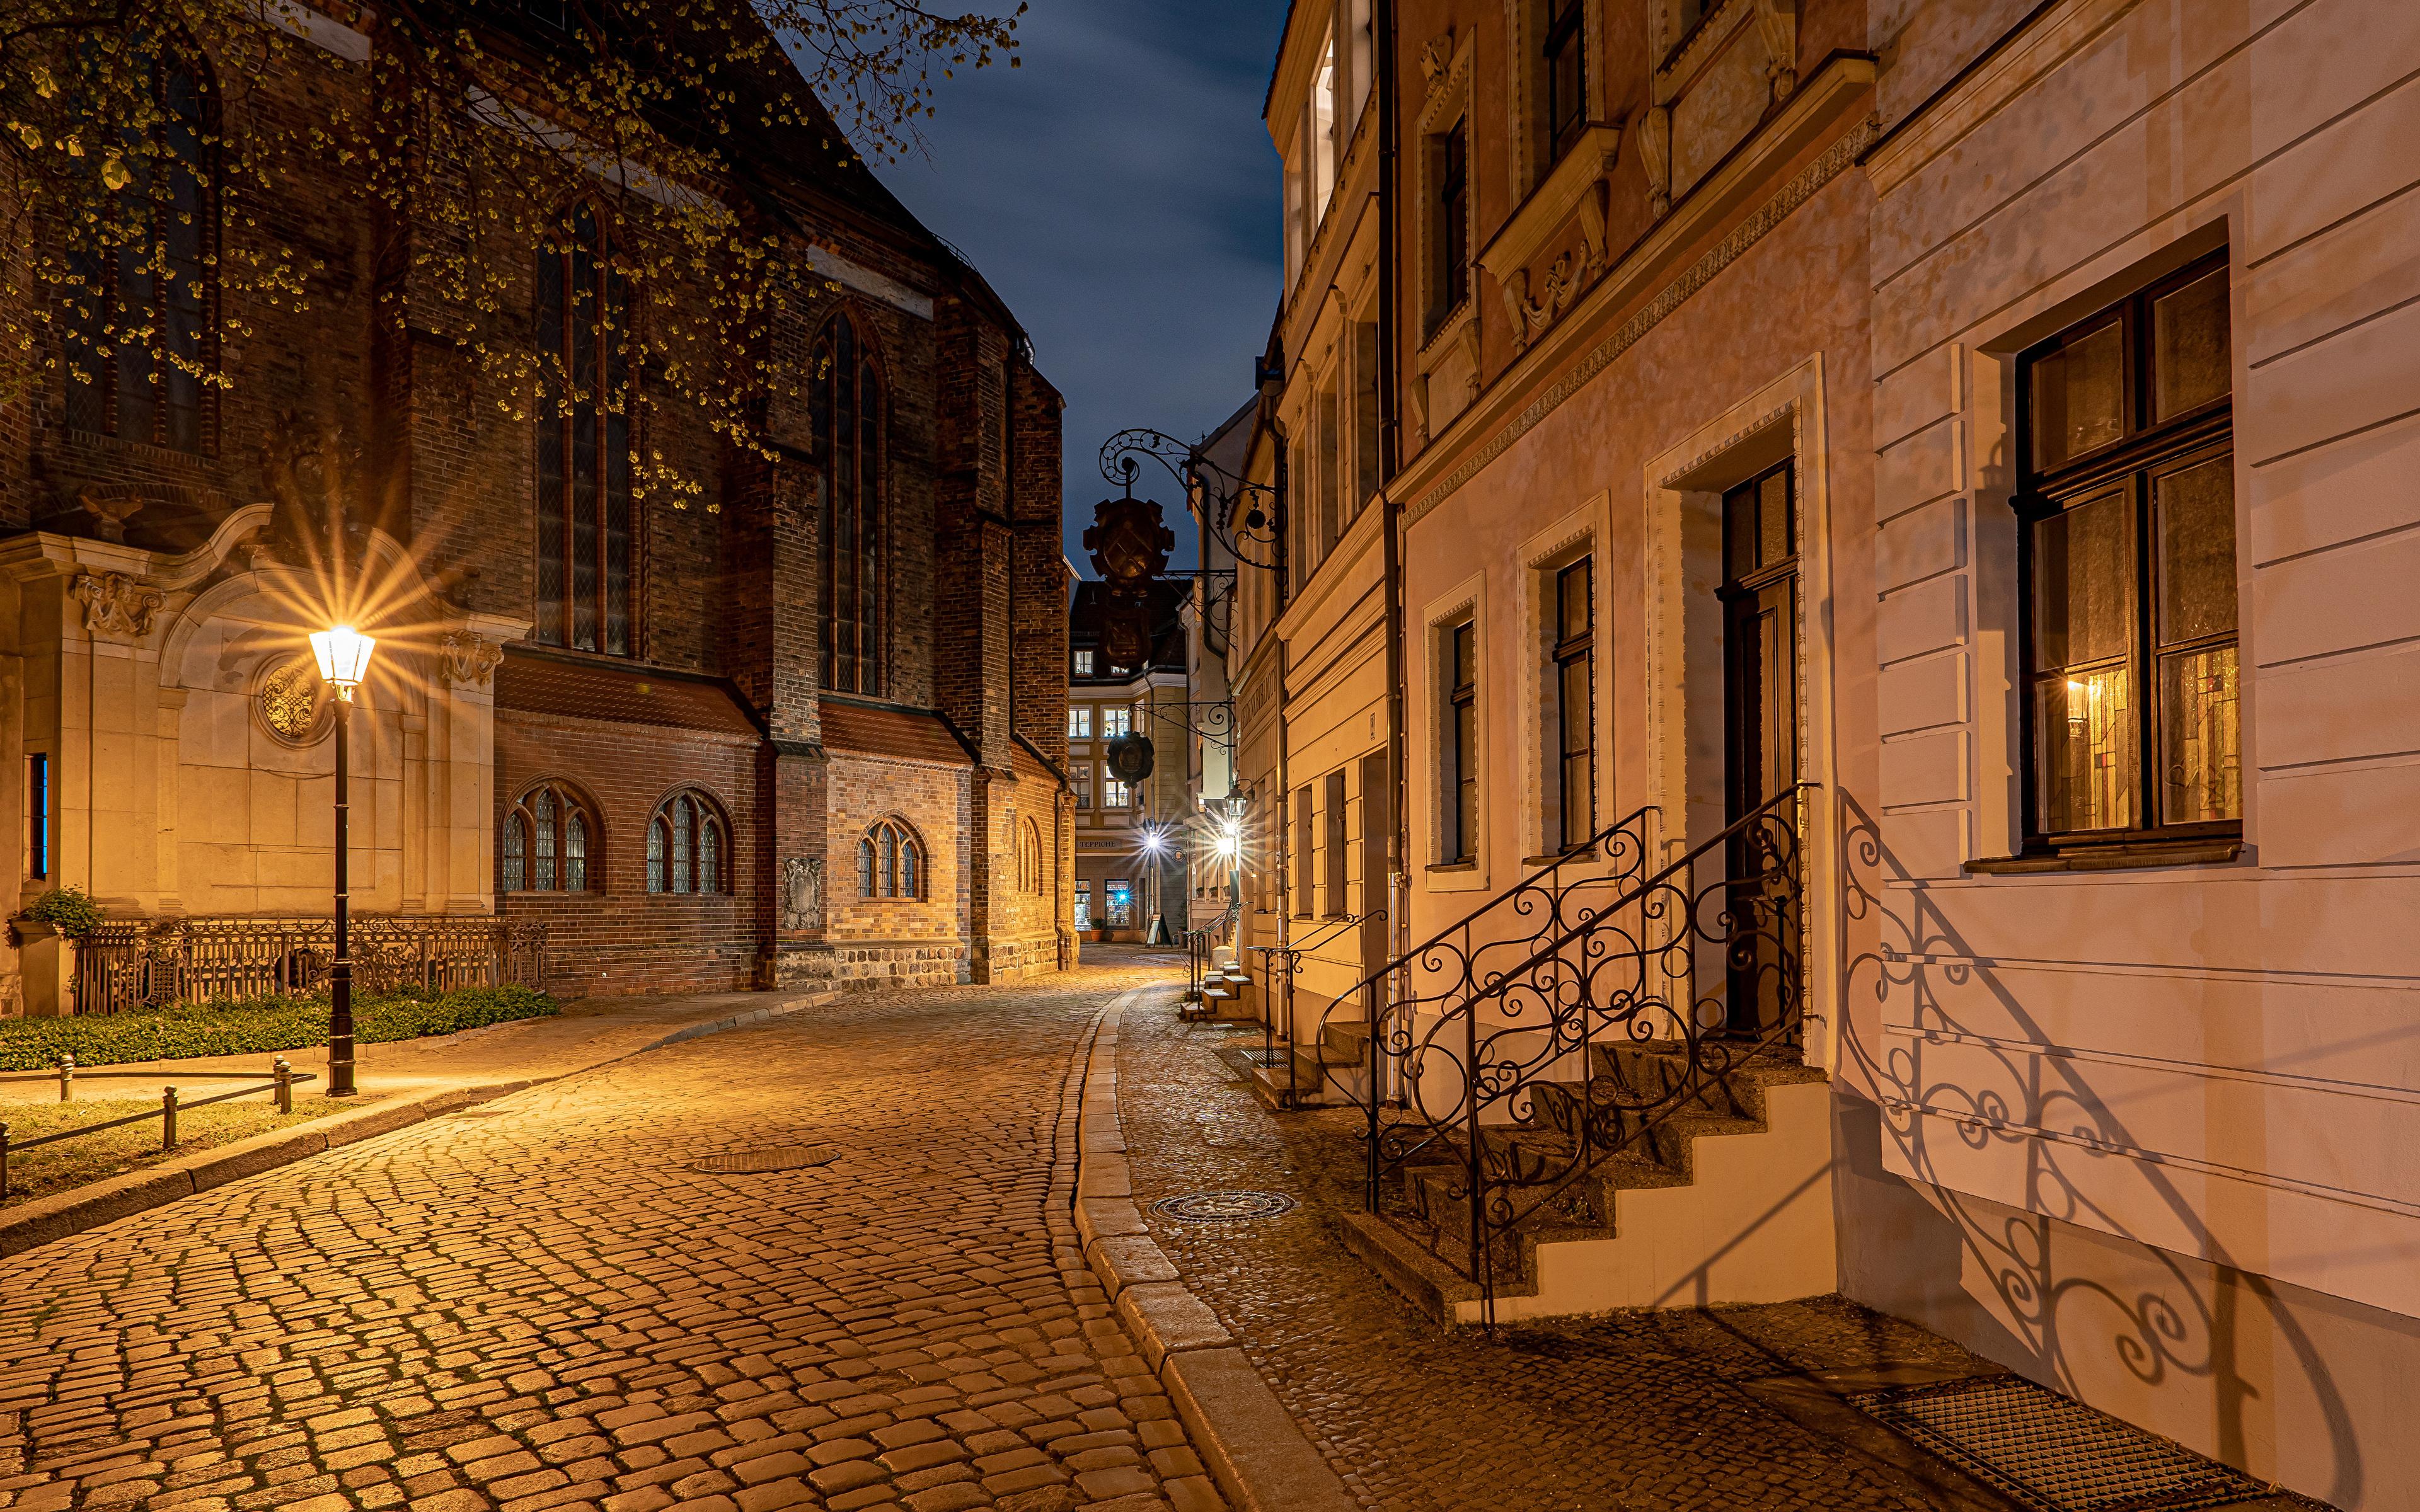 Картинка Берлин Германия Улица Уличные фонари Дома город 3840x2400 улиц улице Здания Города